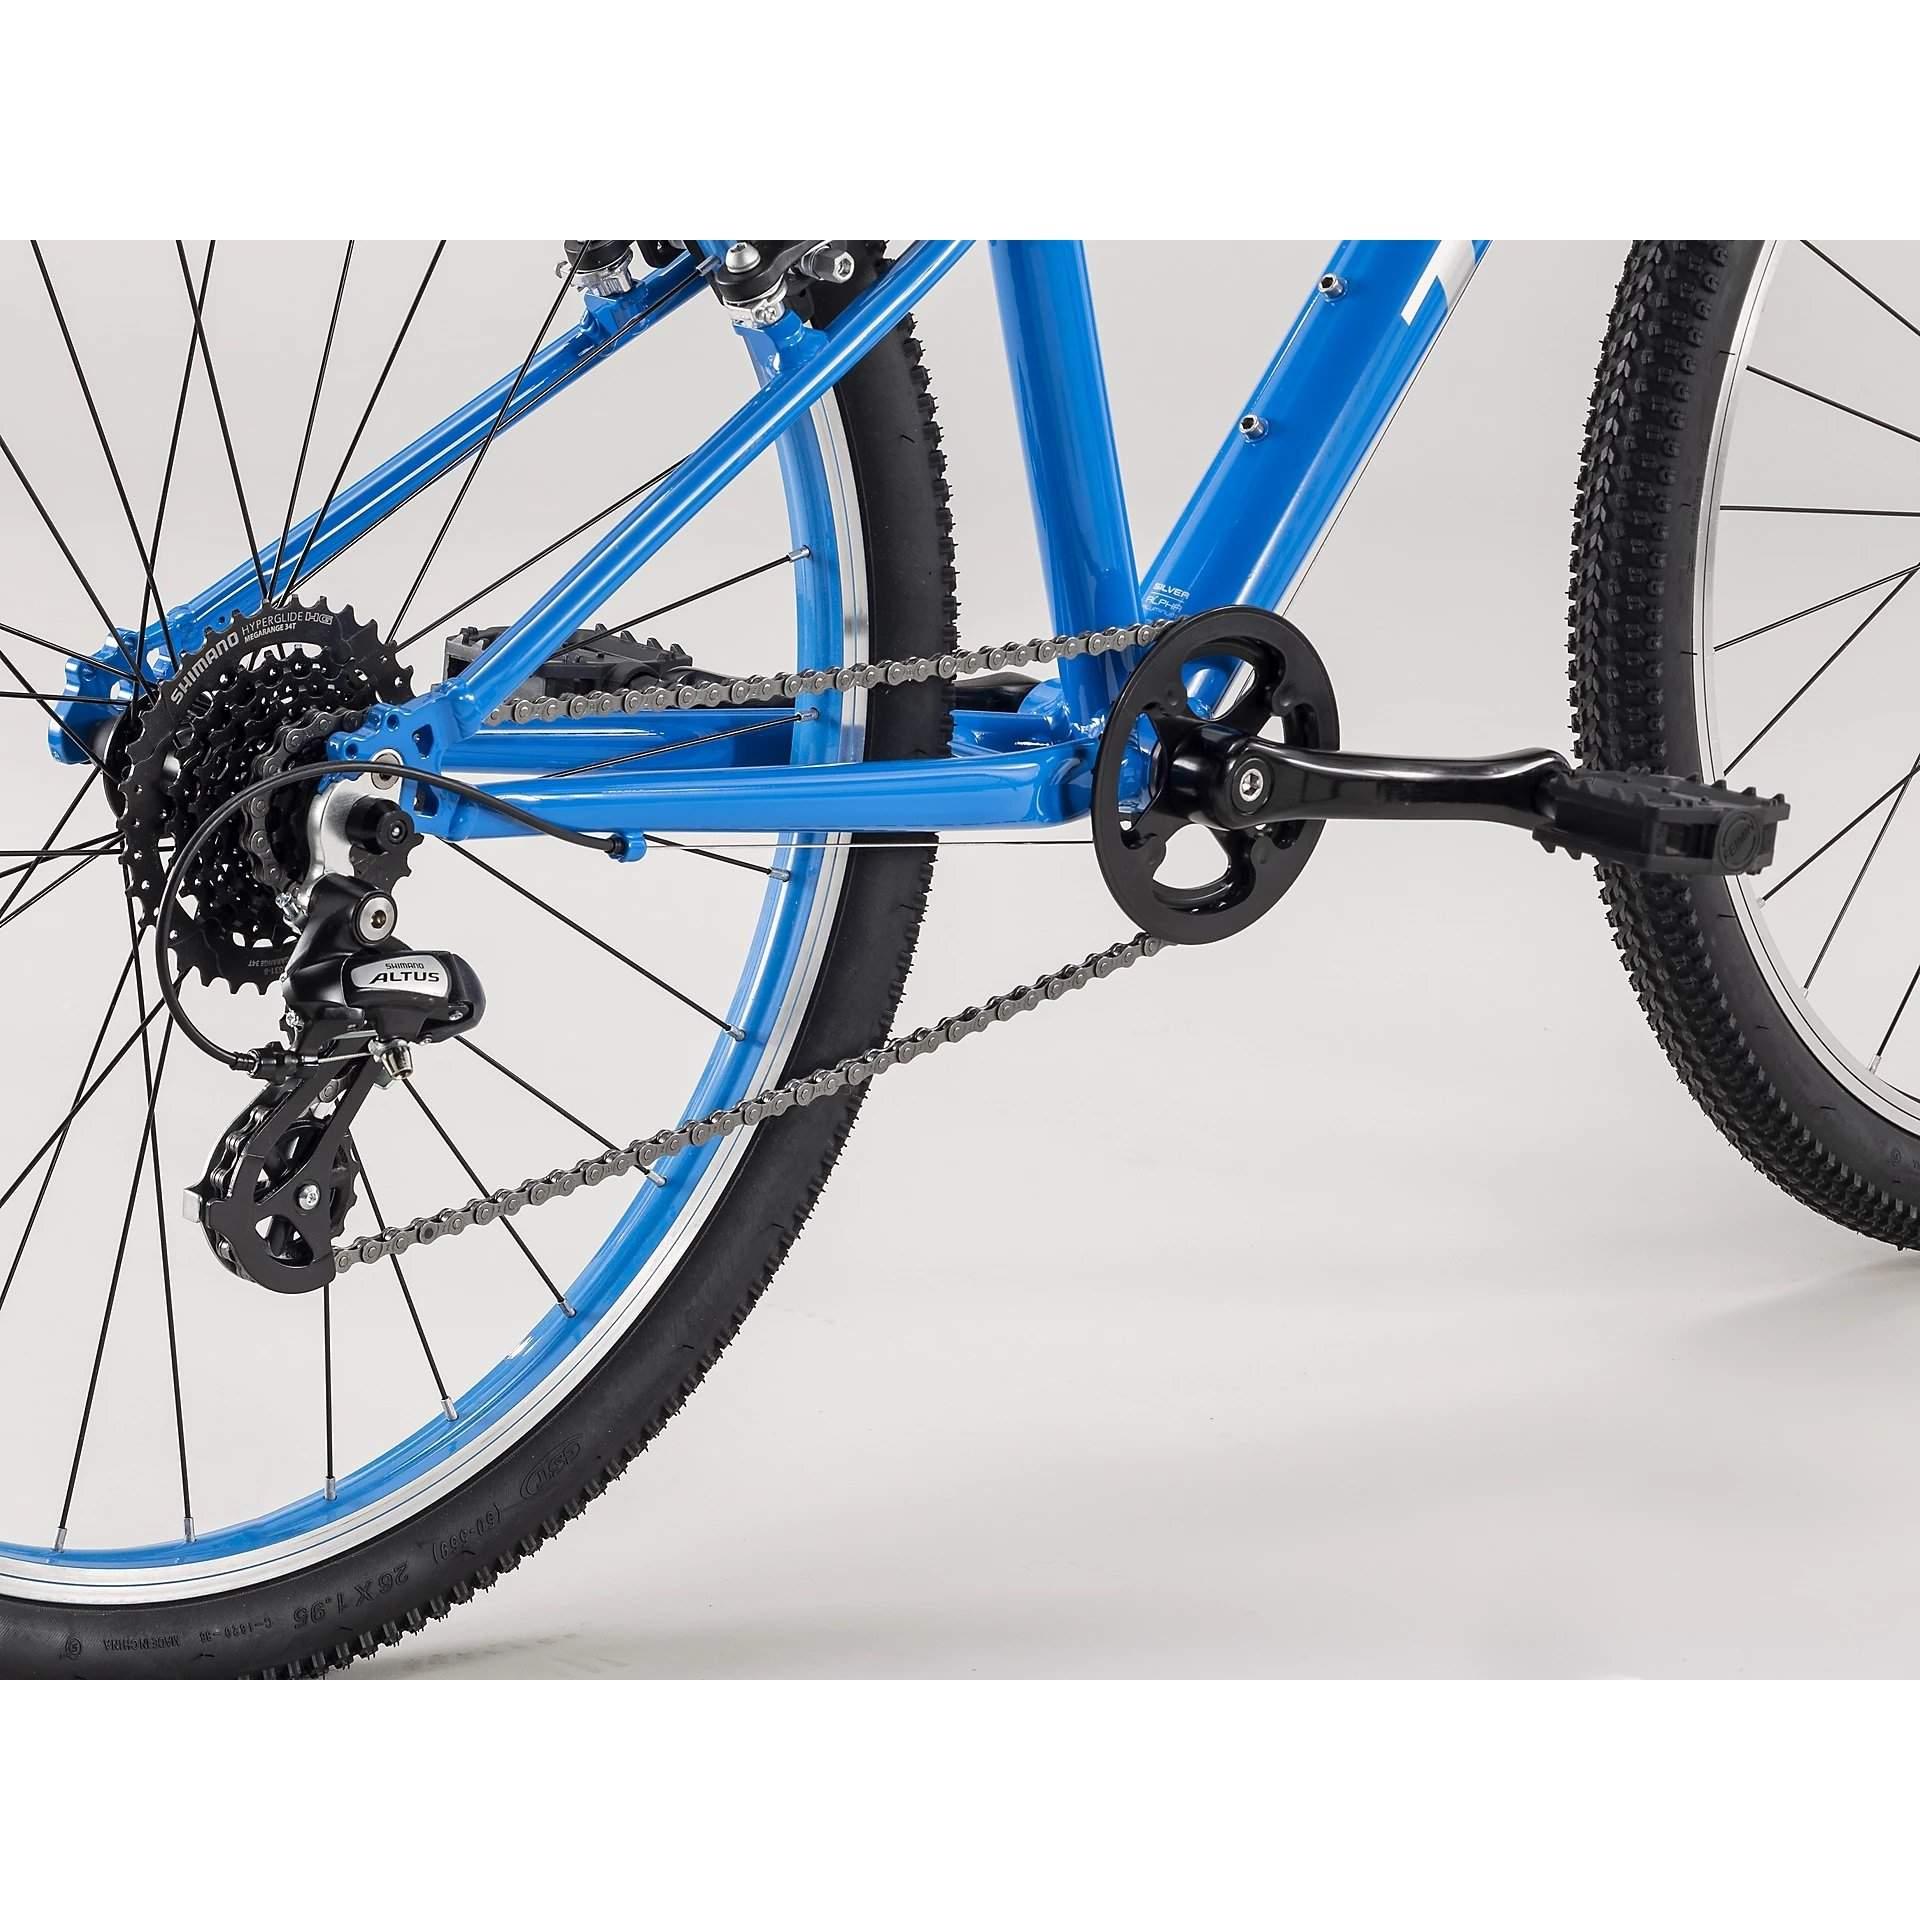 ROWER TREK WAHOO 26 WATERLOO BLUE|QUICKSLVER 6